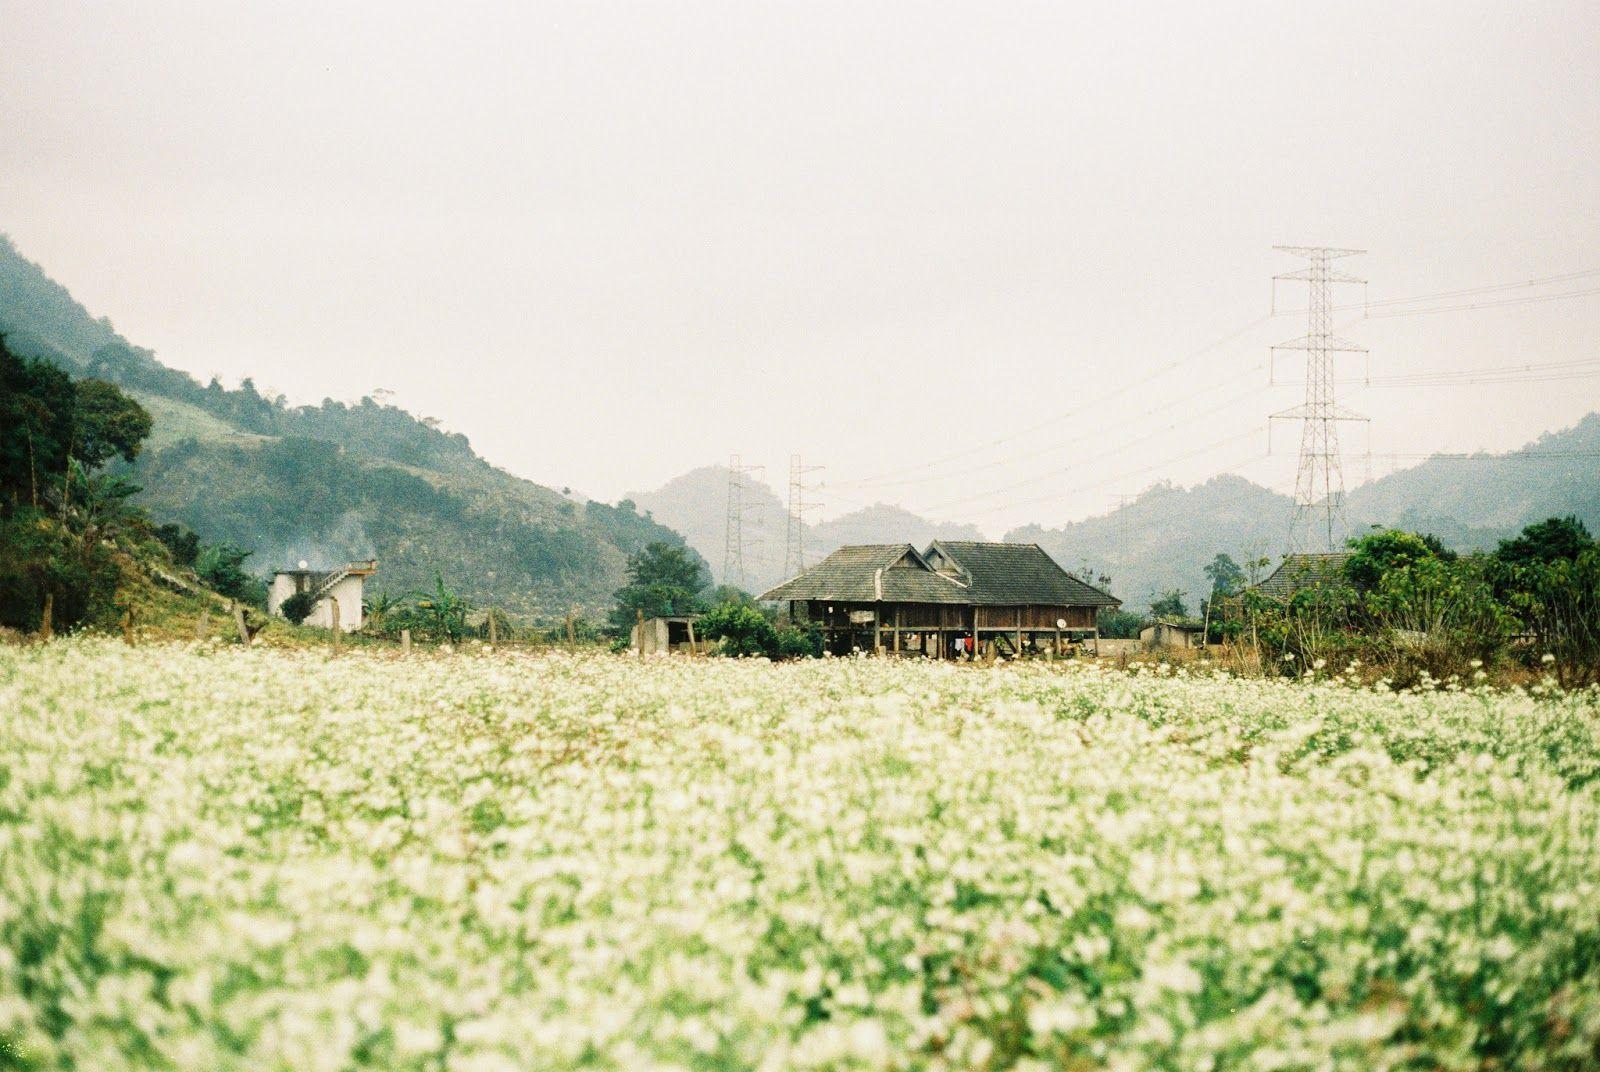 Ngẩn ngơ trước sắc trắng tinh khôi của cao nguyên Mộc Châu mùa hoa cải - Ảnh 6.